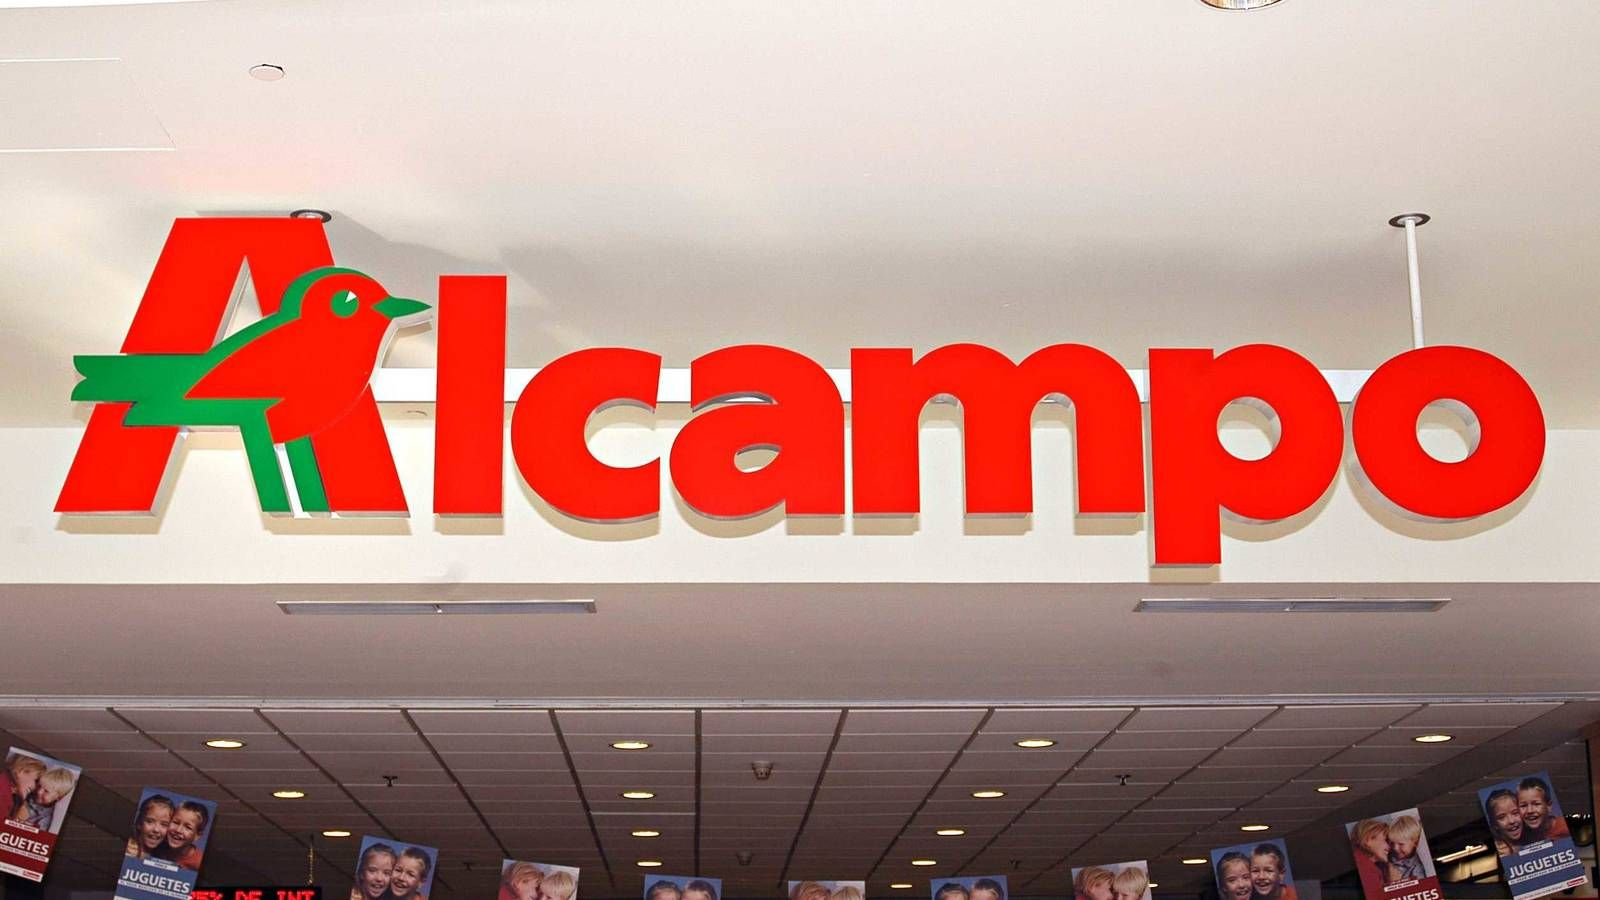 Dani Y Alcampo Los Supermercados Mas Baratos Para Hacer La Compra